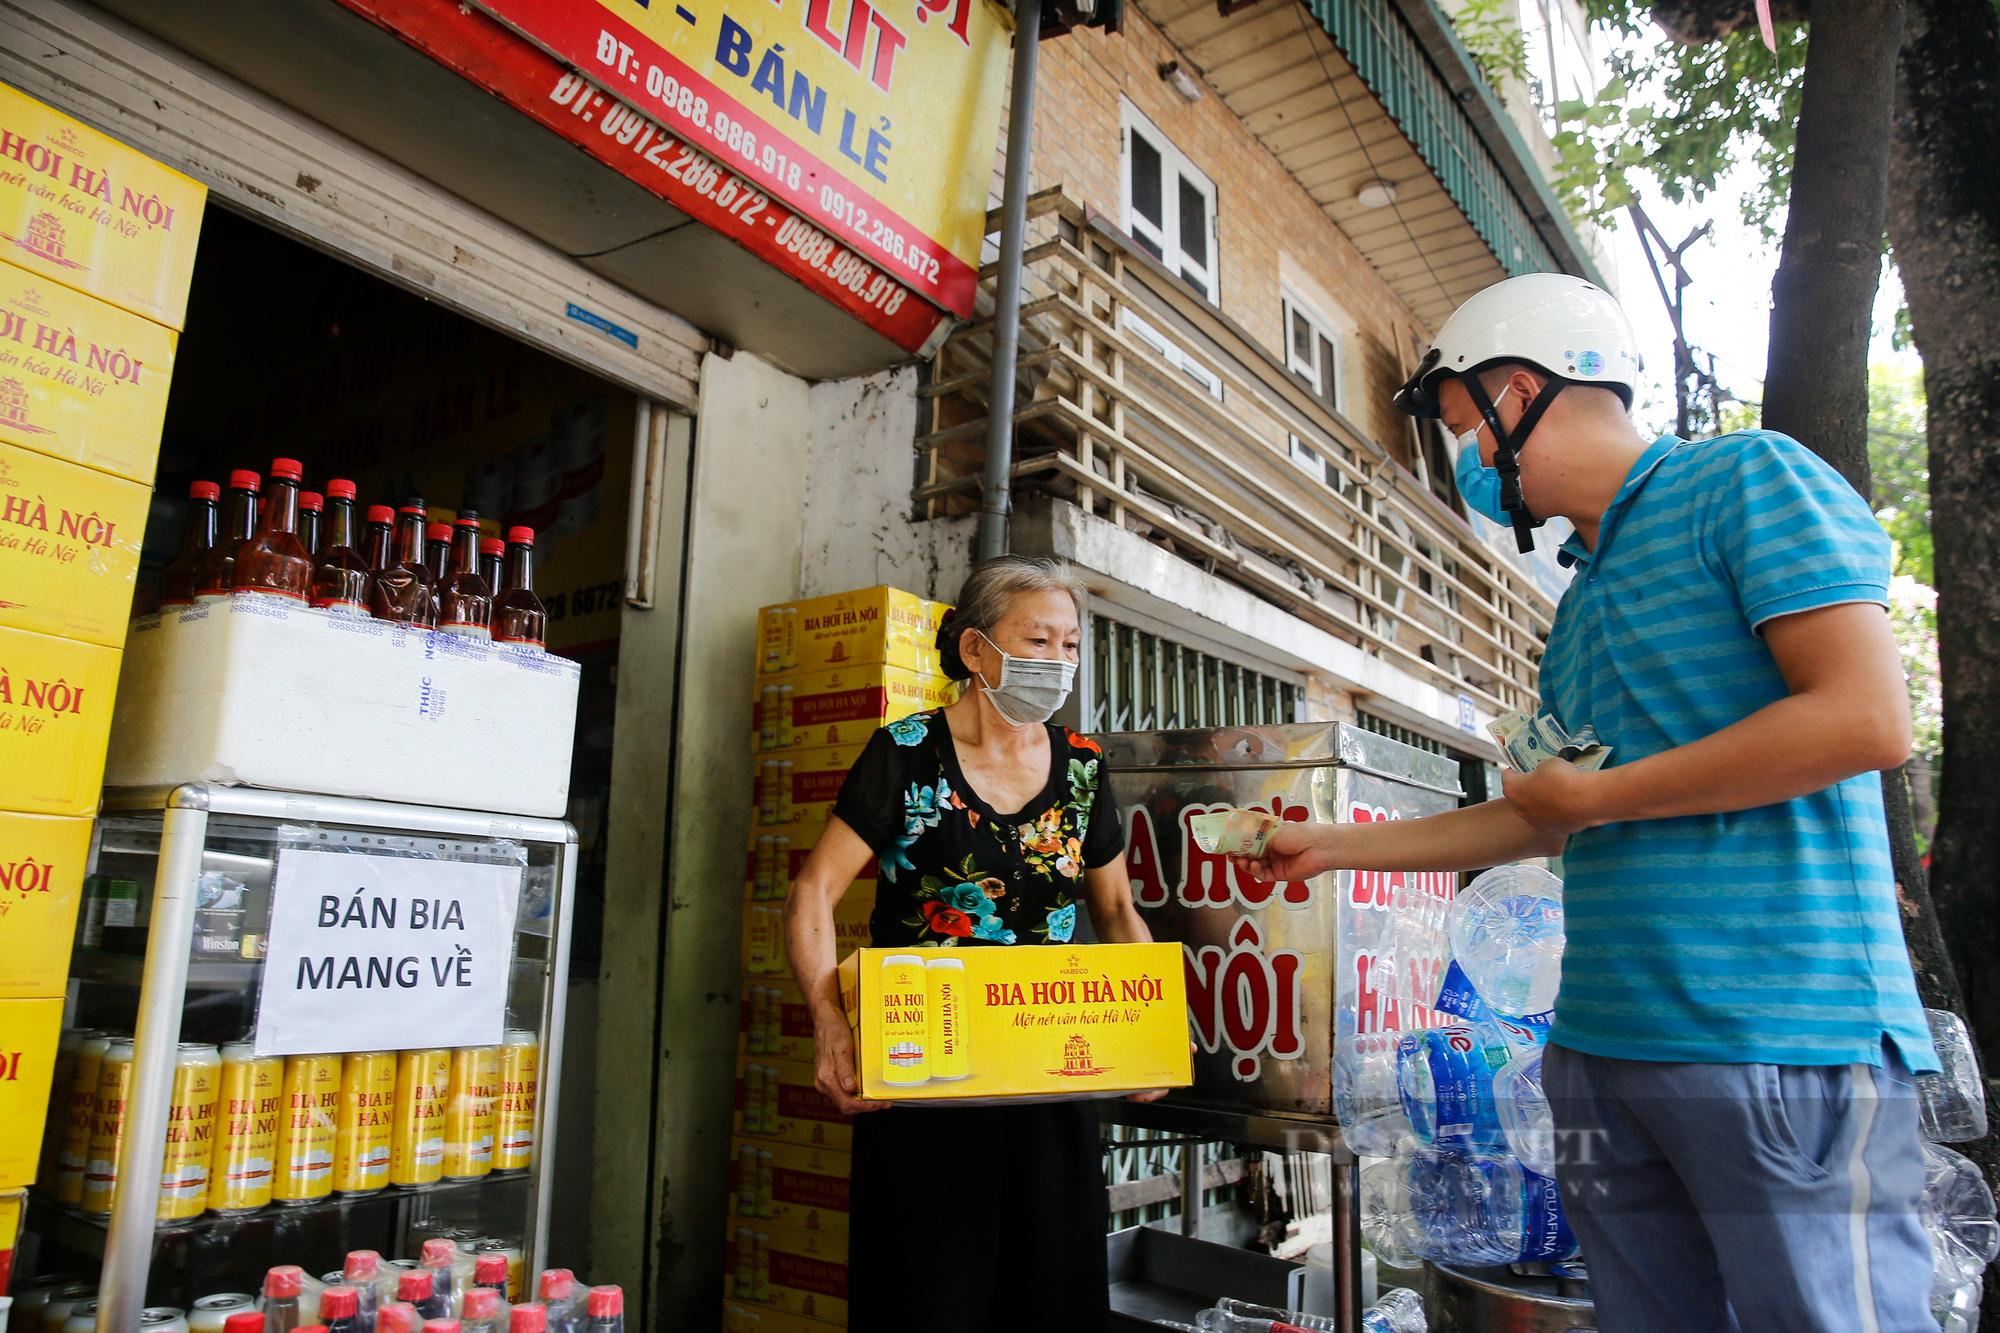 Bia hơi Hà Nội bắt đầu nhộn nhịp người mua mang về  - Ảnh 6.